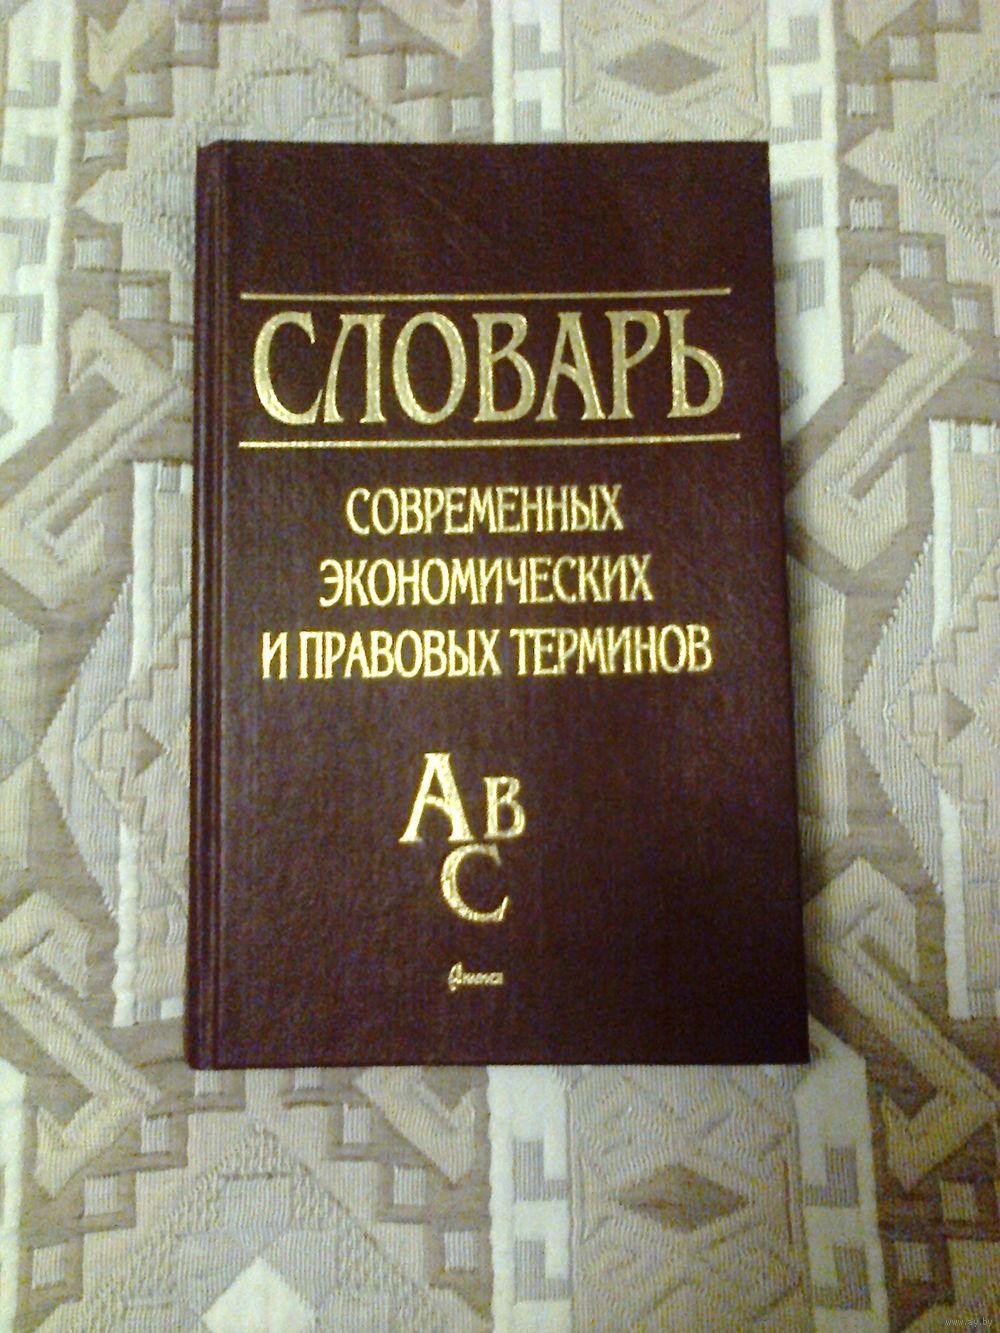 Словарь сексуальных слов 10 фотография